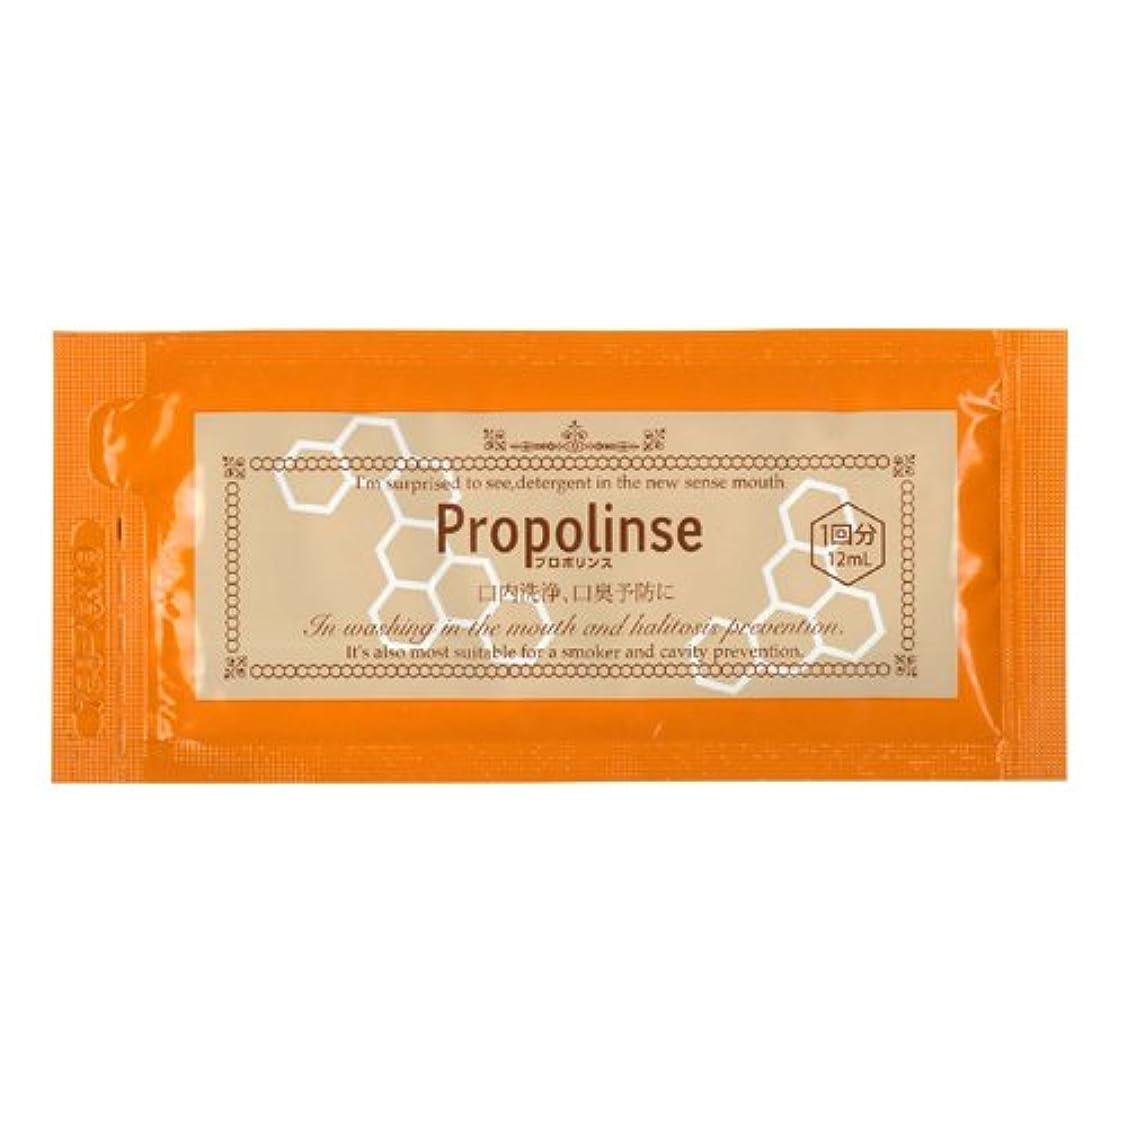 ミシン目ピアニスト筋肉のプロポリンス ハンディパウチ 12ml×50袋